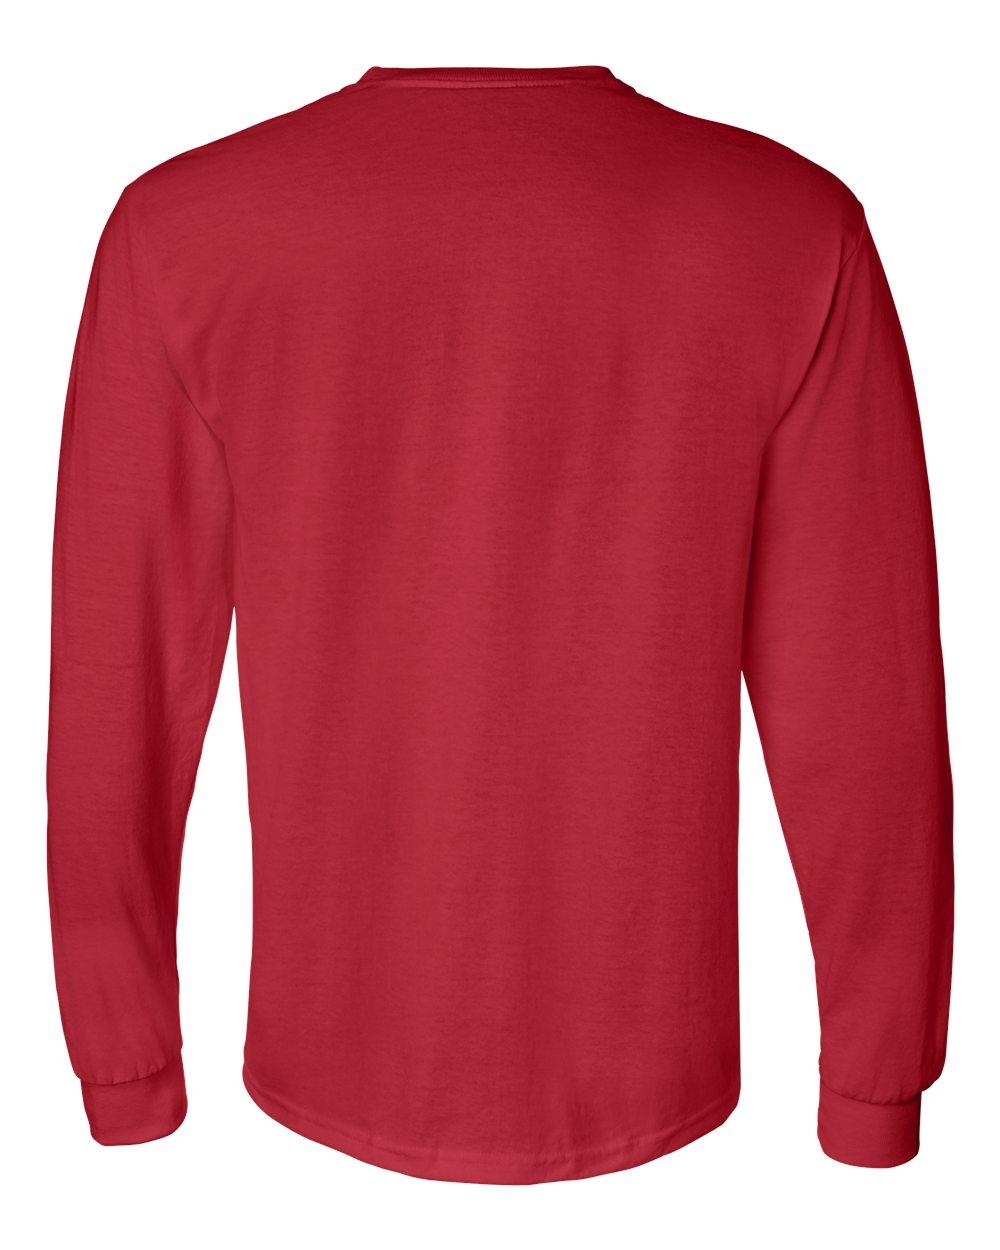 Gildan-Mens-Blank-DryBlend-50-50-Cotton-Long-Sleeve-T-Shirt-8400-up-to-3XL miniature 34